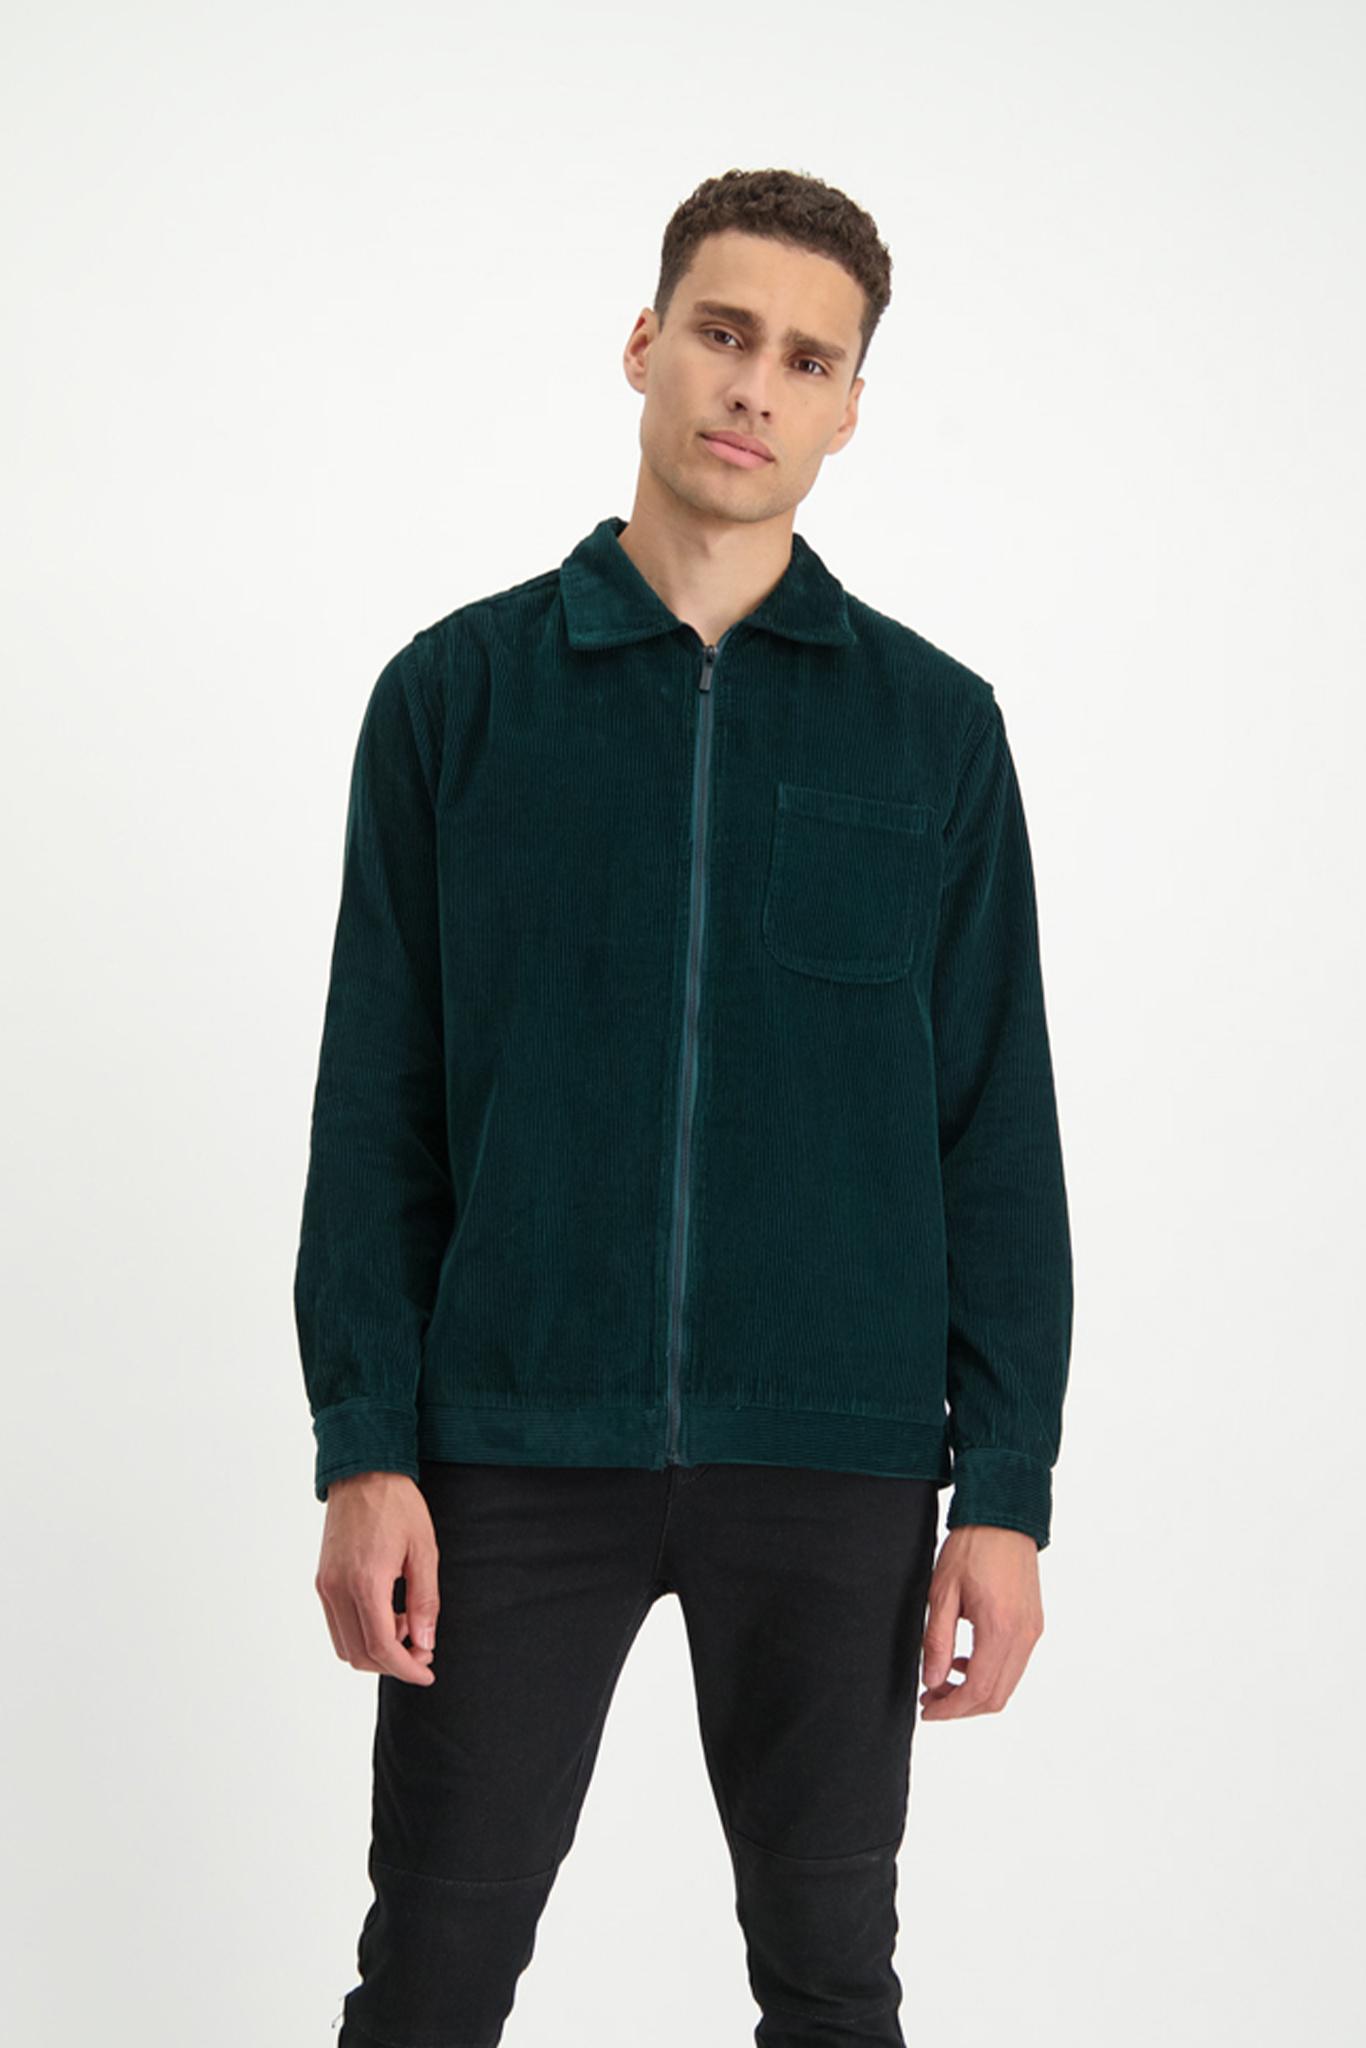 Lofty Manner Green Jacket Juliano